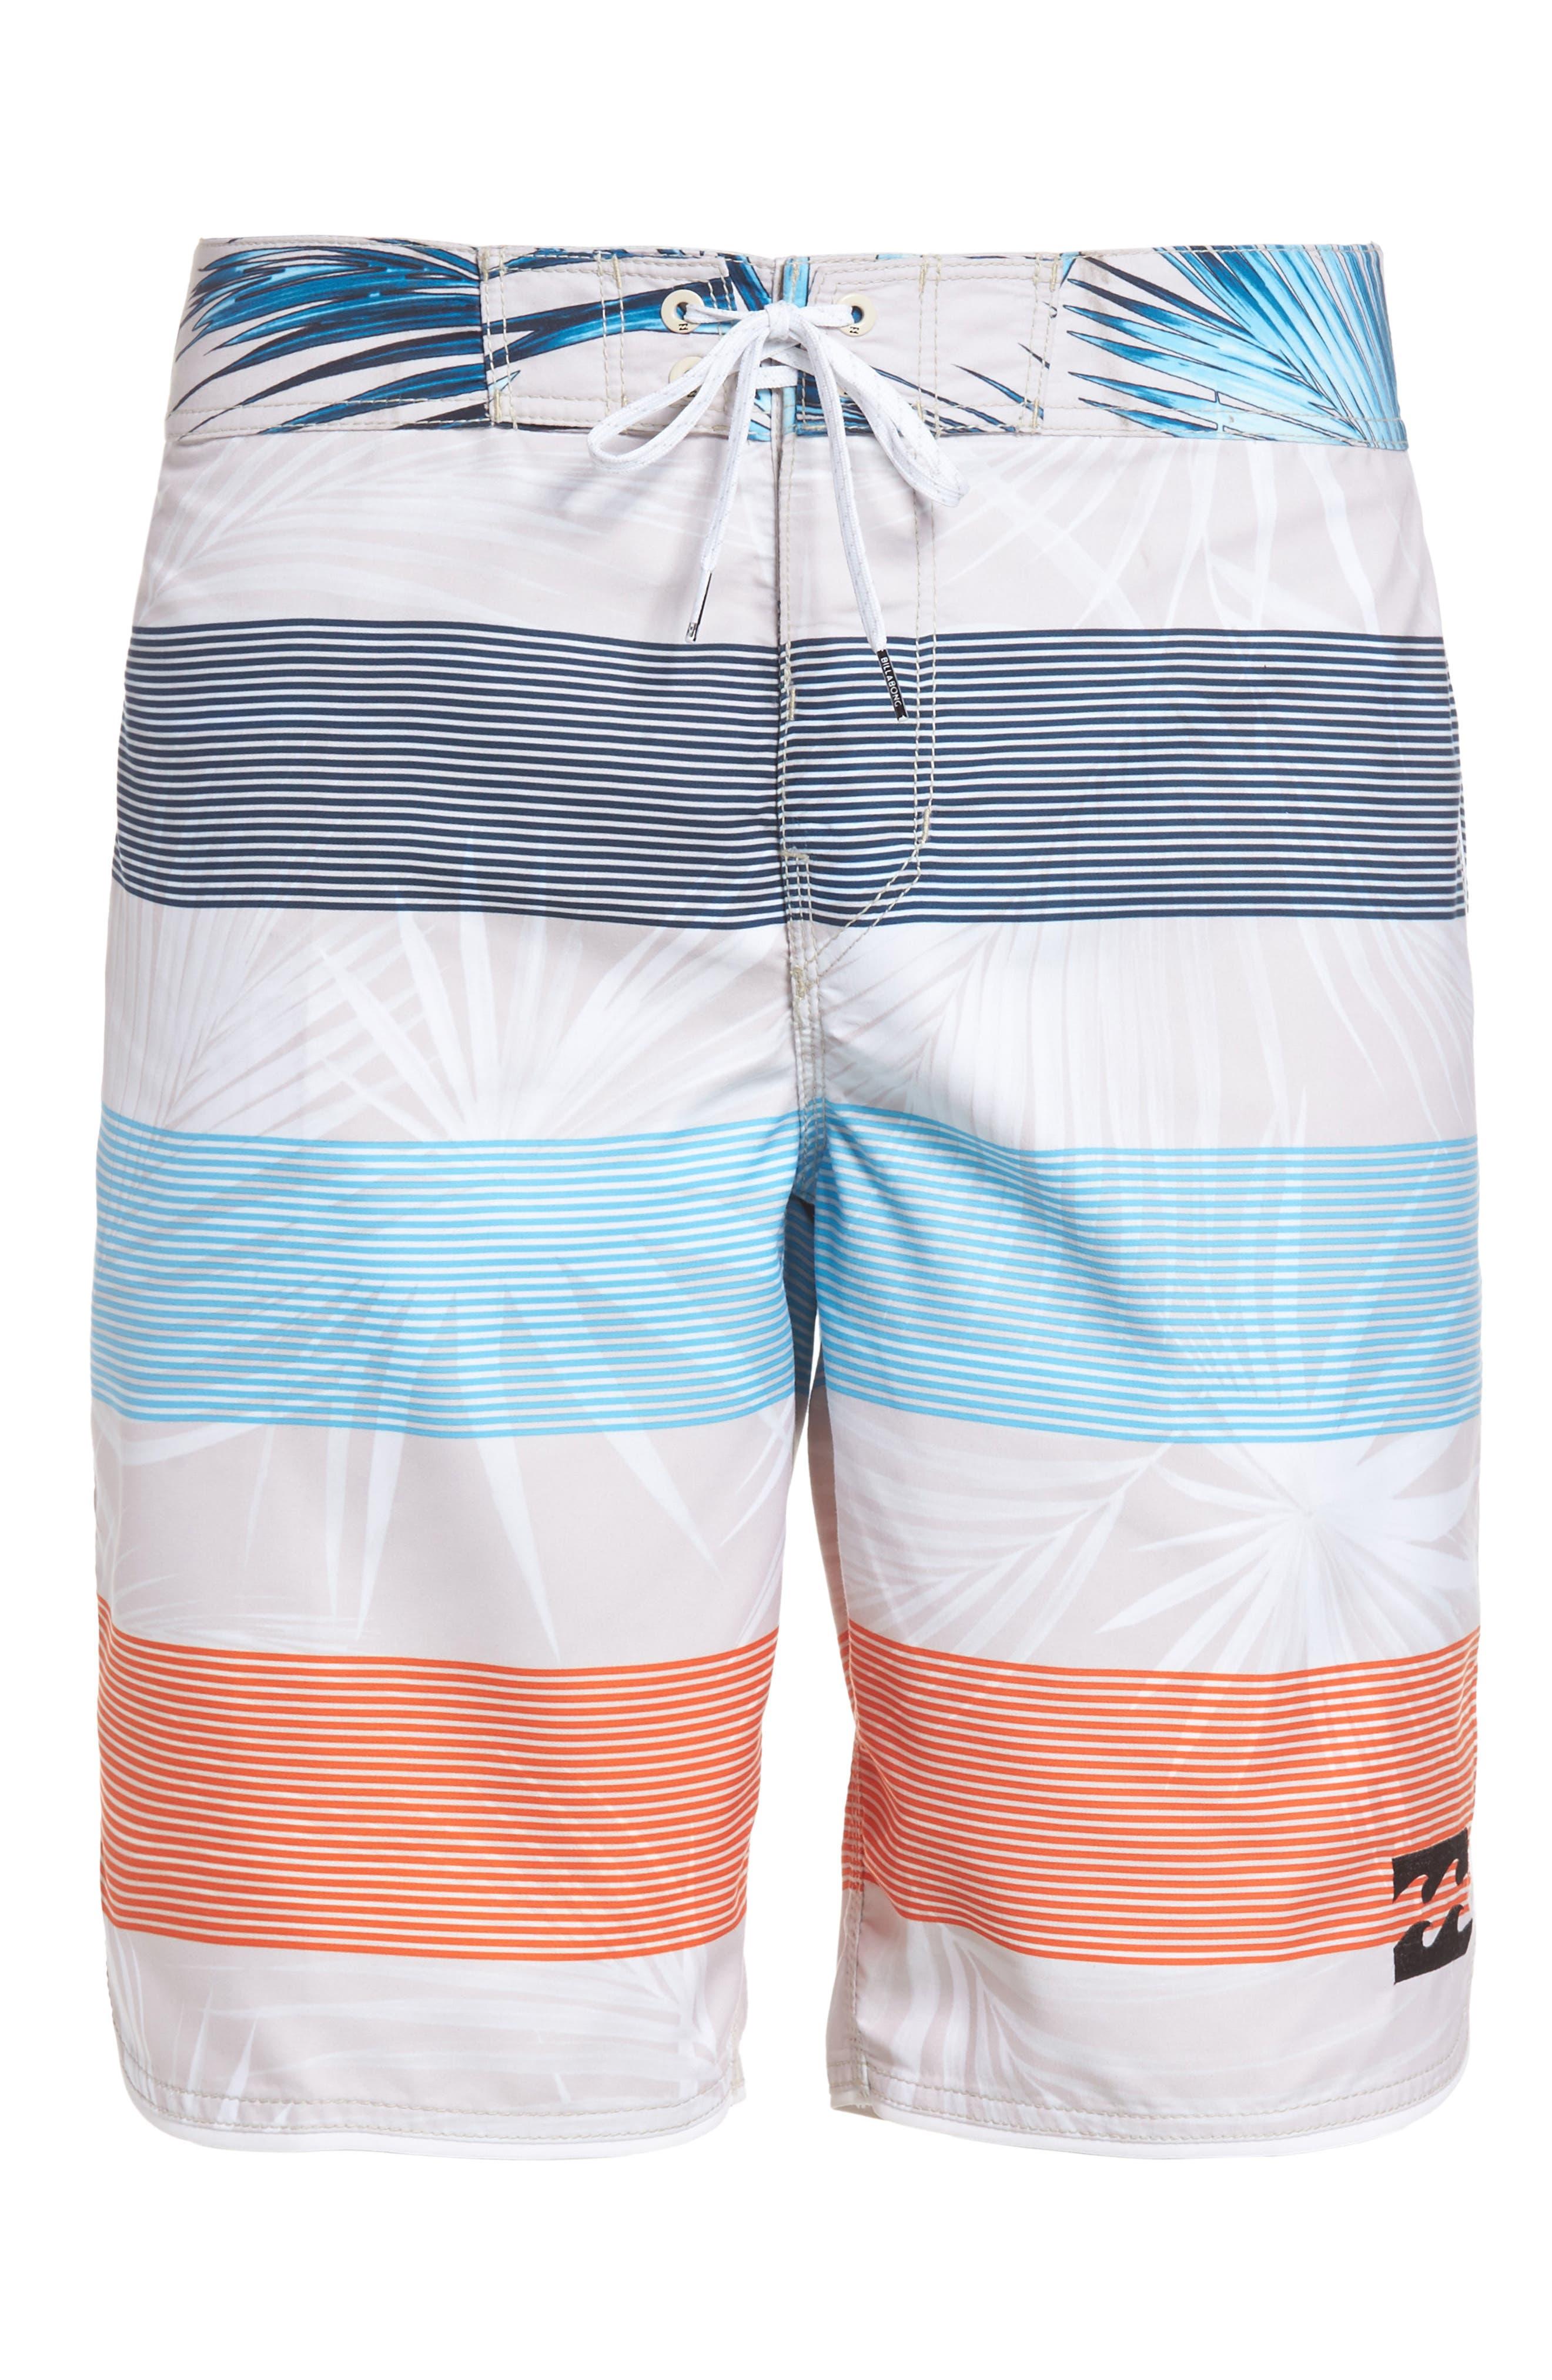 73 OG Stripe Board Shorts,                             Alternate thumbnail 6, color,                             Stone